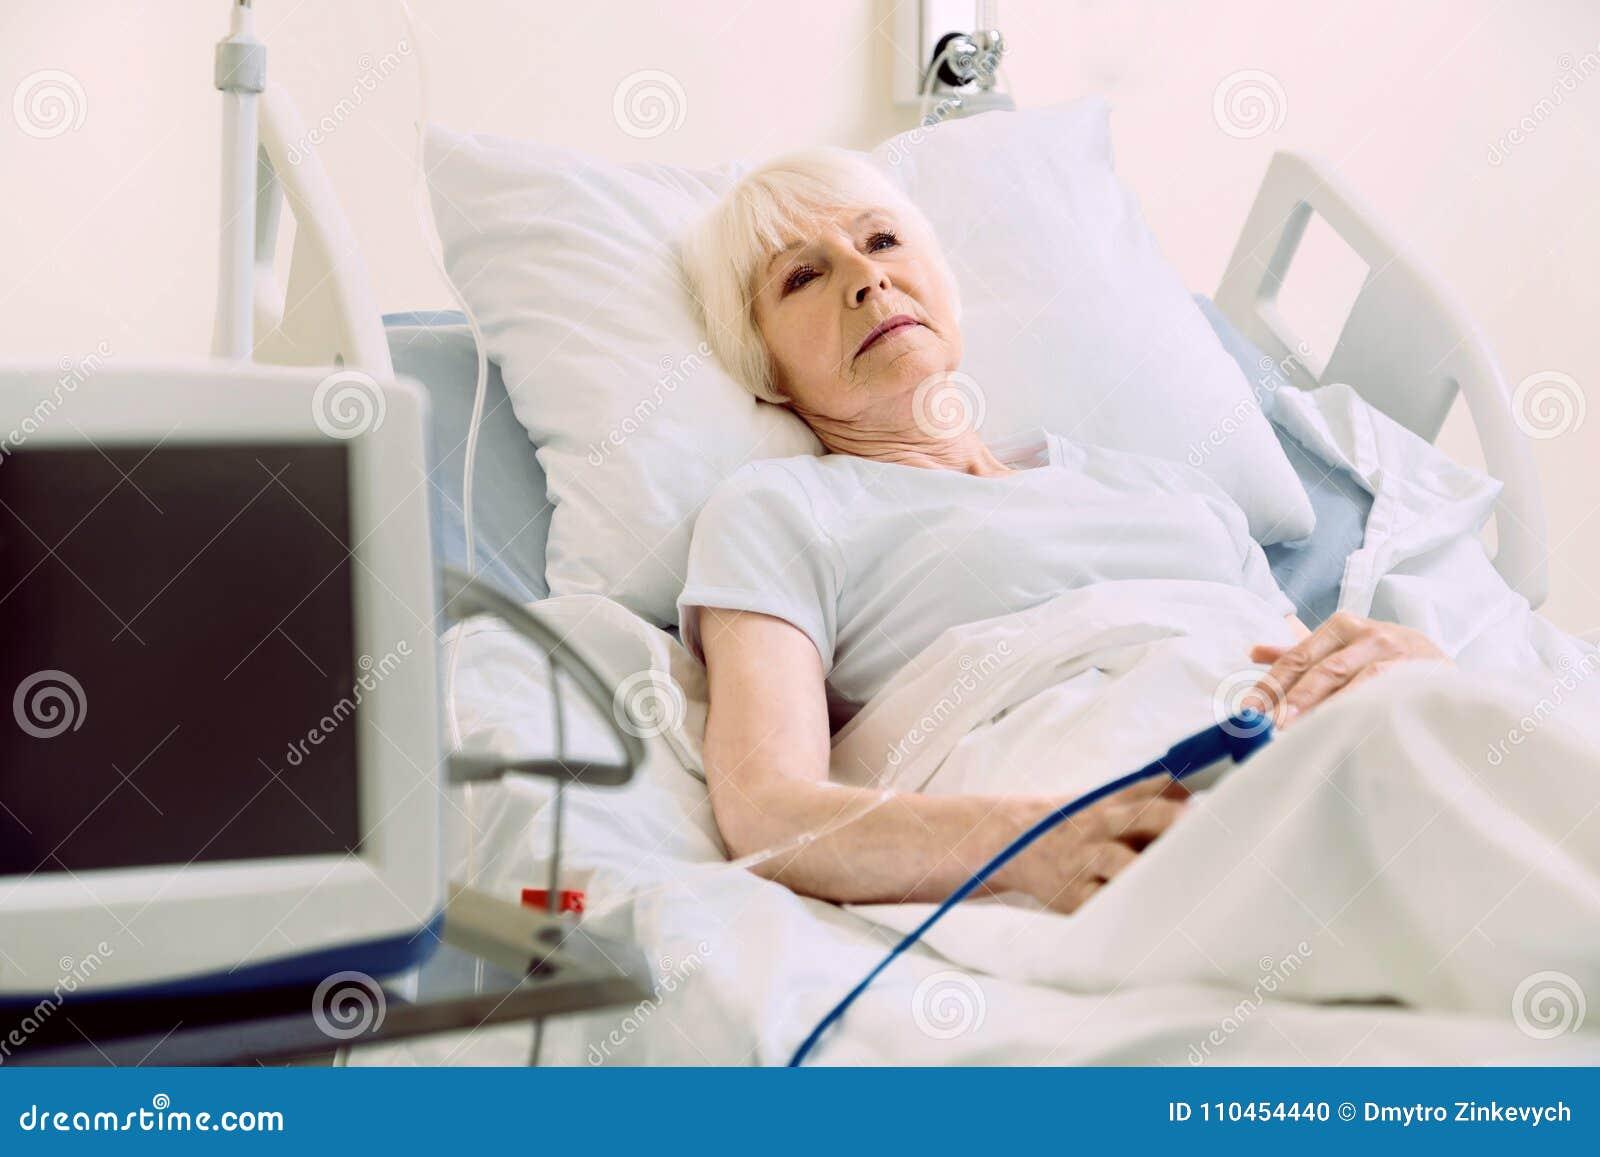 Eftertänksam kvinnlig patient som ligger i säng med pulsoximeteren